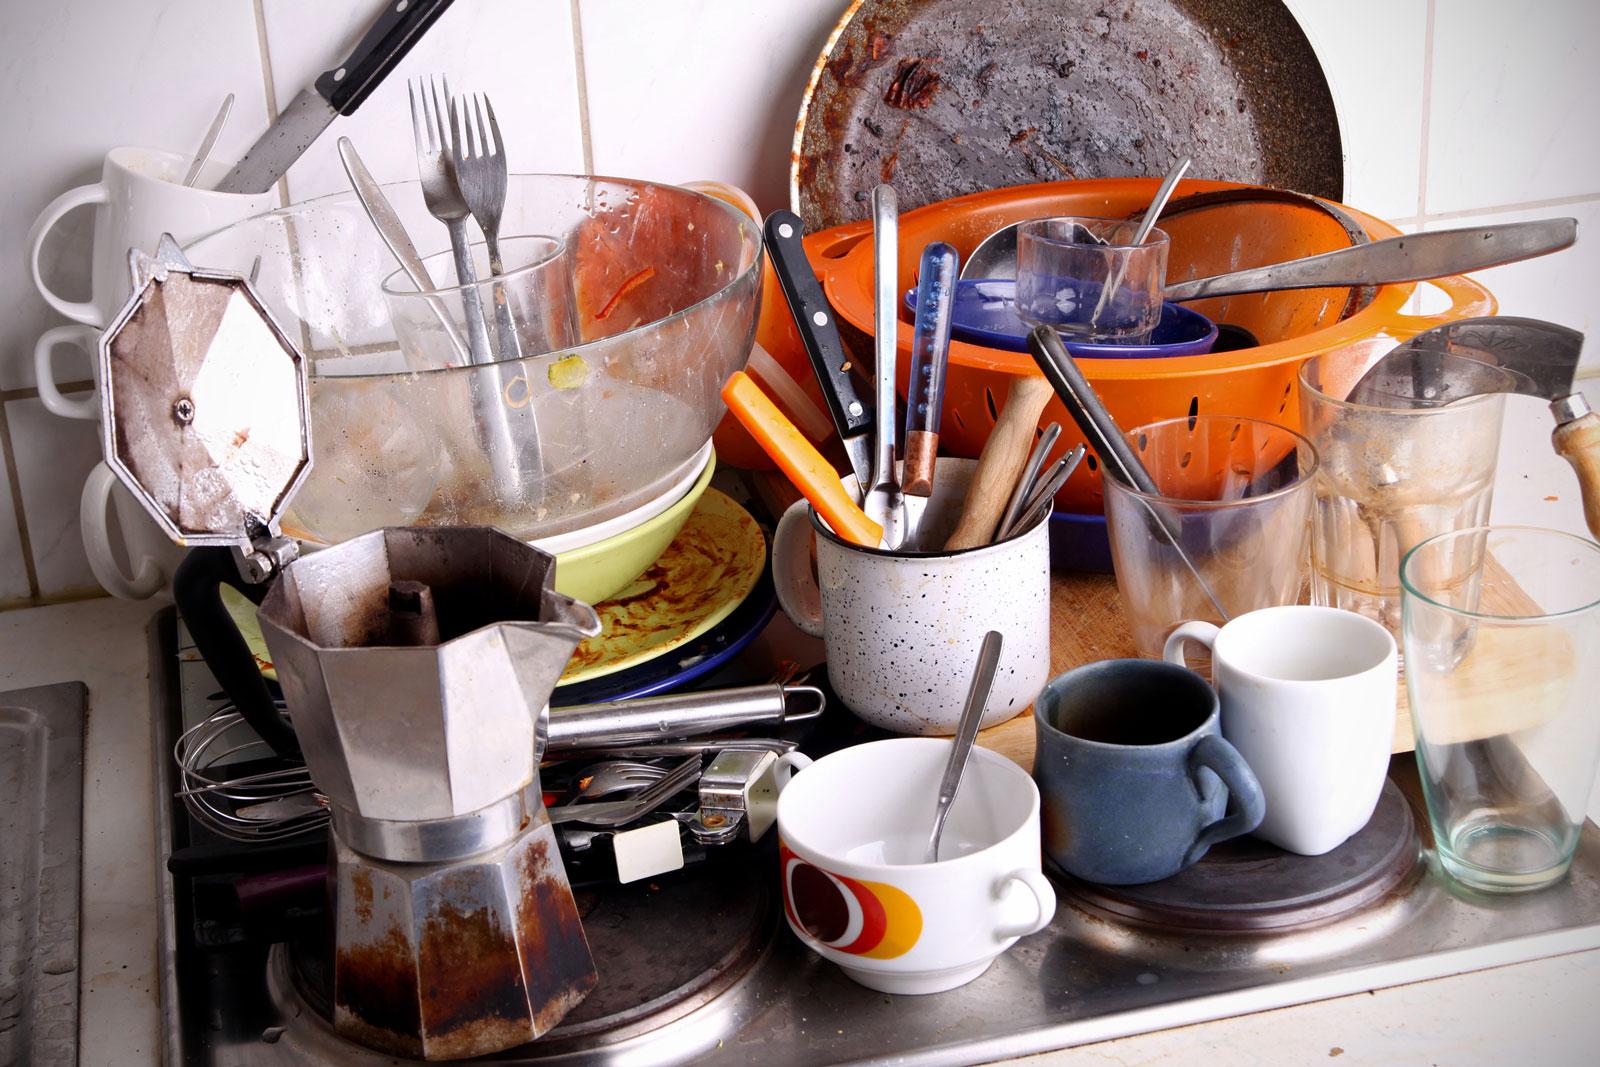 In der ersten Wohnung können Sauberkeit und Ordnung erlernt werden.